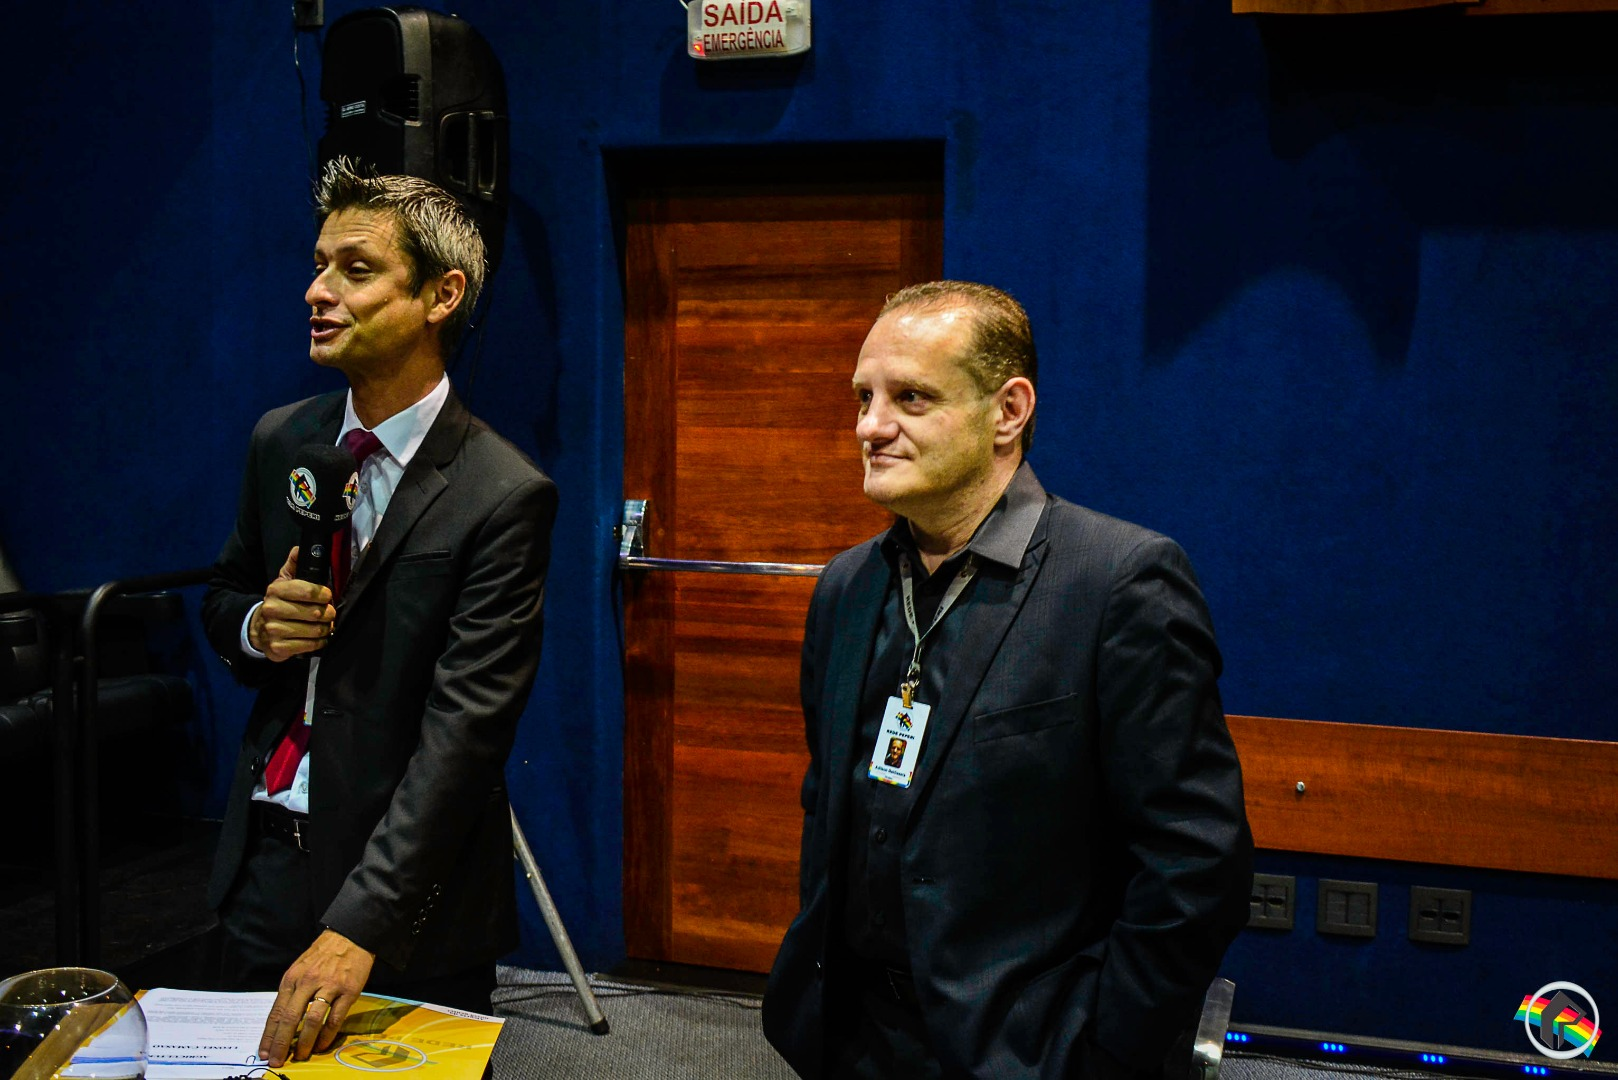 VÍDEO: Quatro candidatos ao governo de SC participam do quarto debate da Peperi